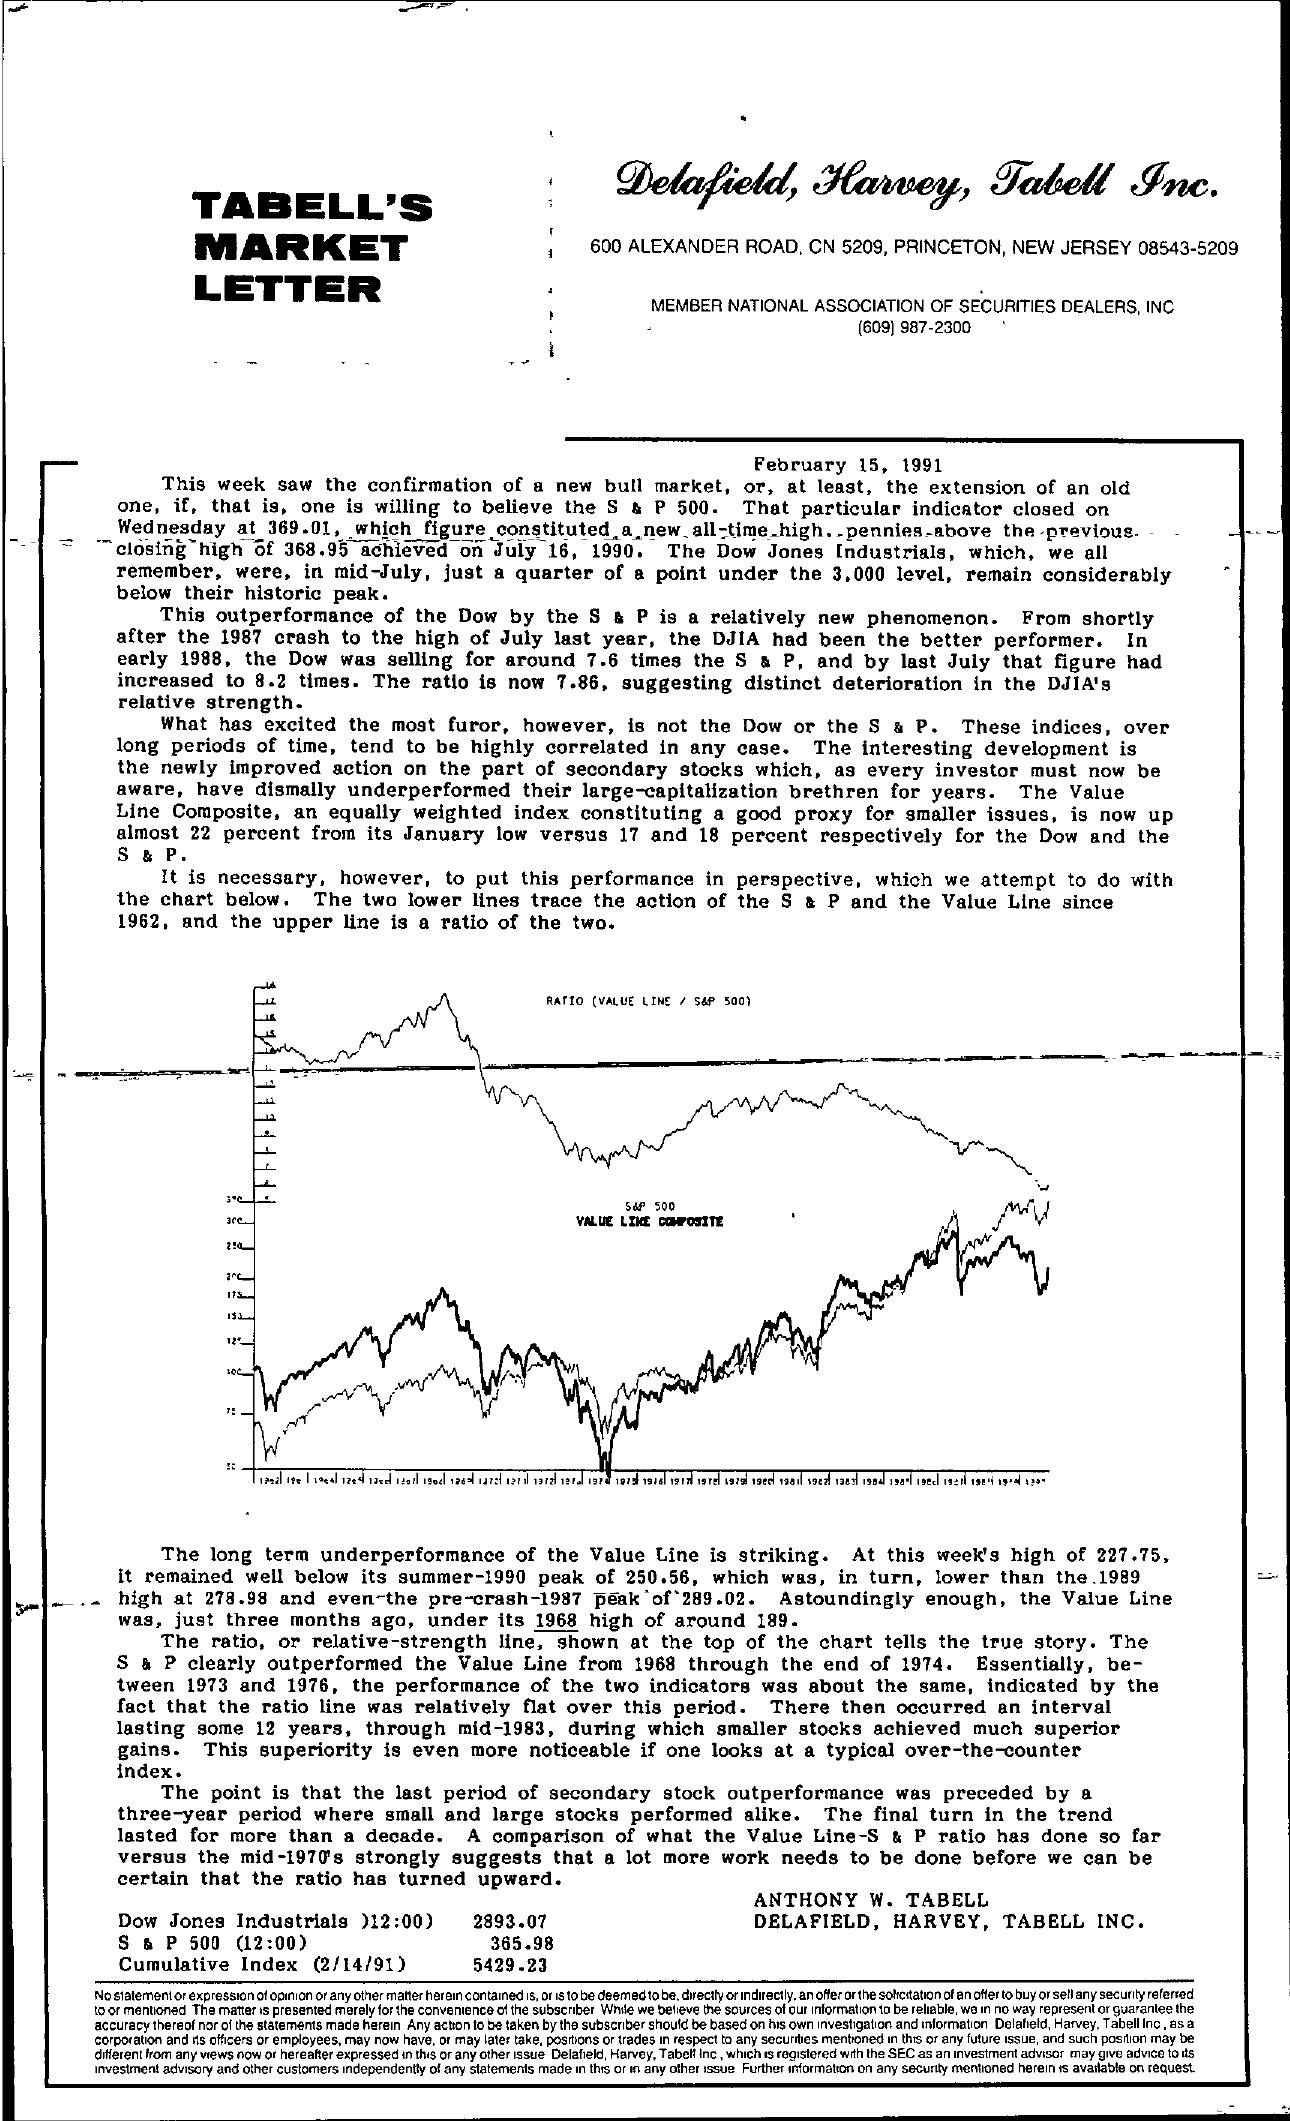 Tabell's Market Letter - February 15, 1991